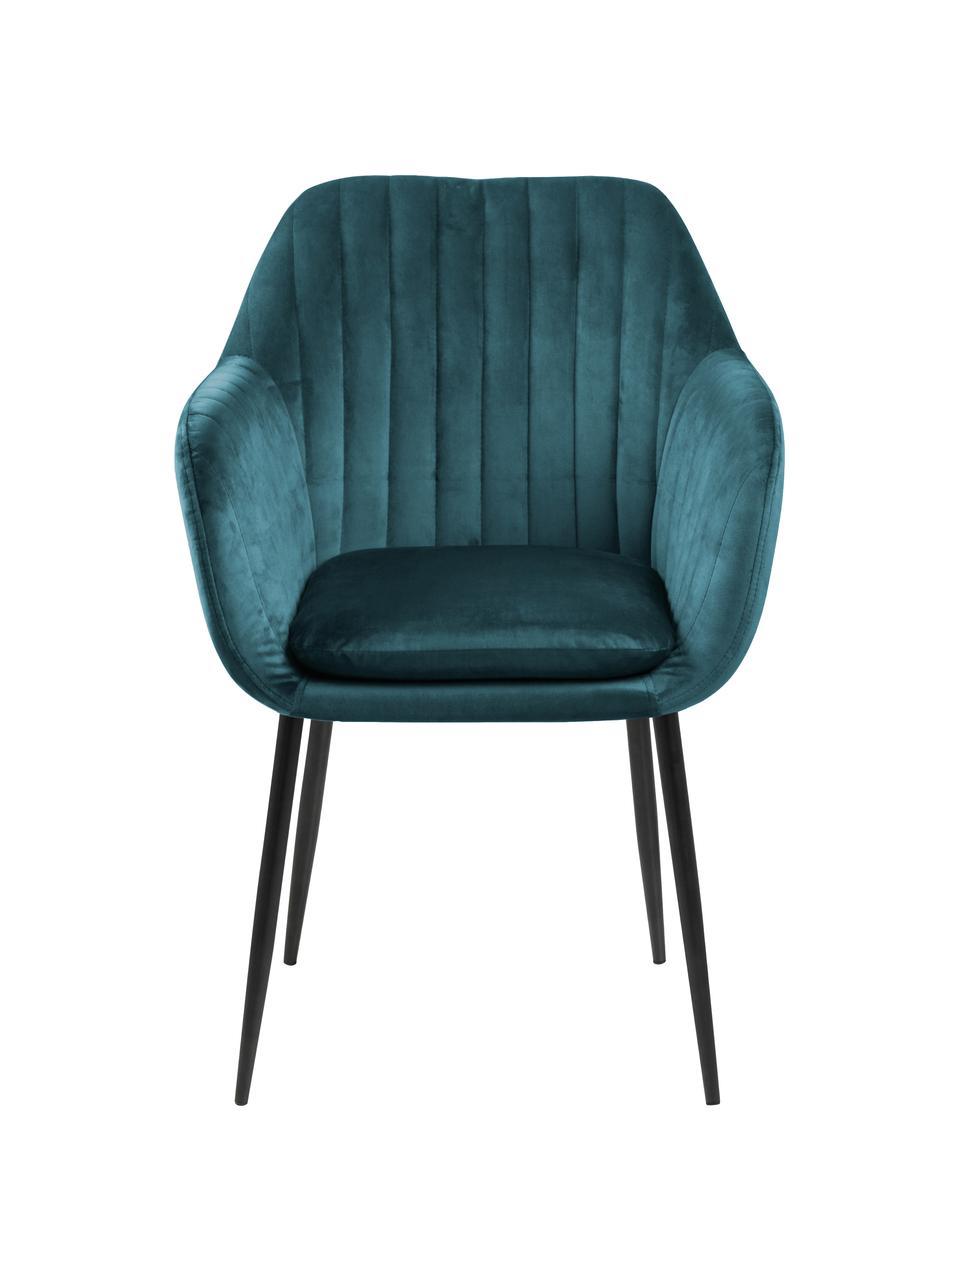 Krzesło z aksamitu z podłokietnikami i metalowymi nogami Emilia, Tapicerka: aksamit poliestrowy Dzięk, Nogi: metal lakierowany, Aksamit niebieski, czarny, S 57 x G 59 cm